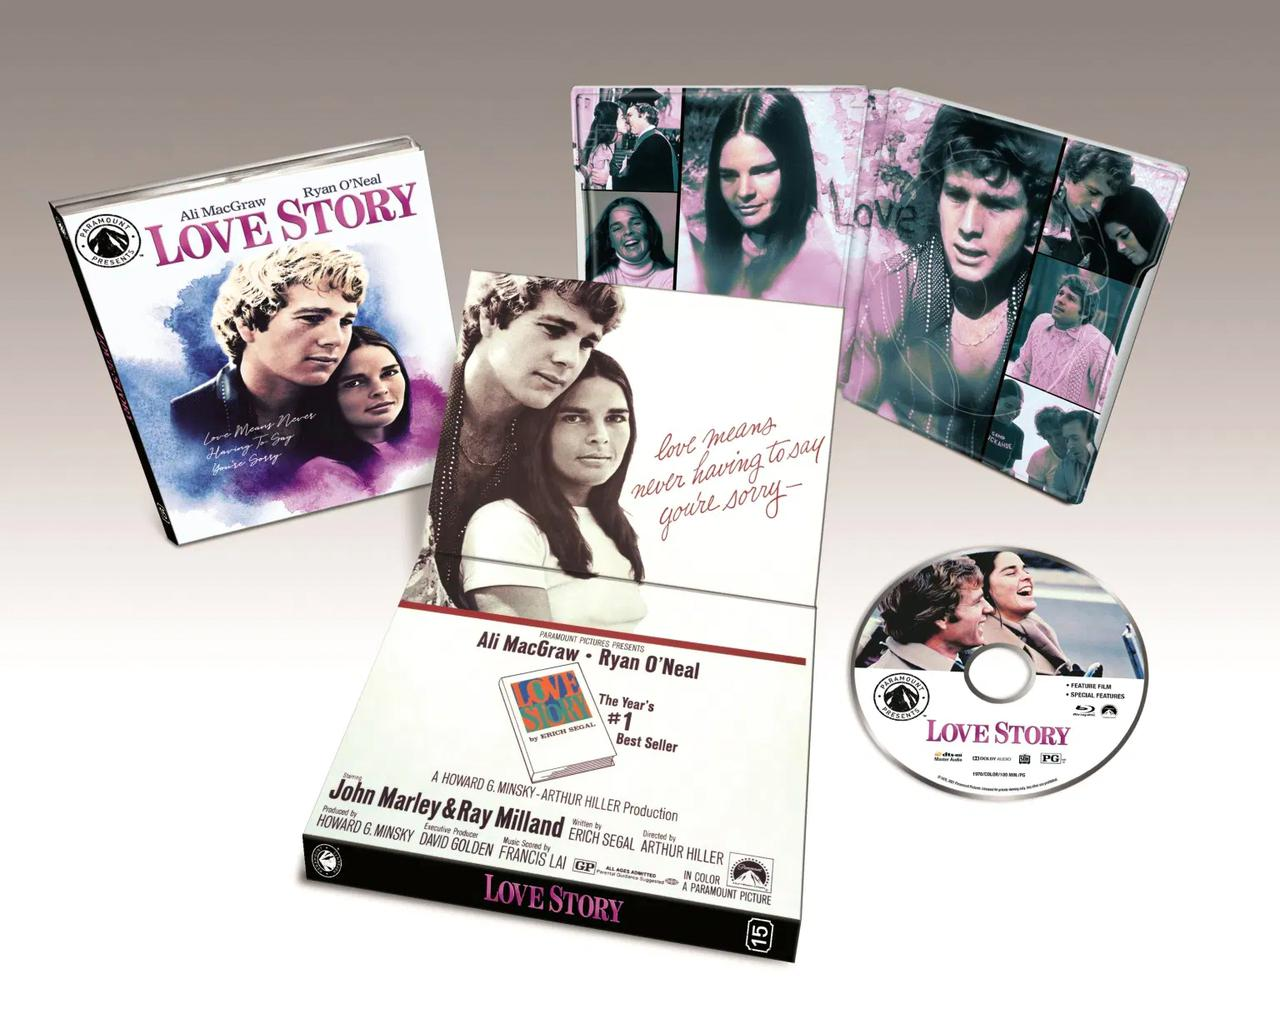 画像: LOVE STORY - BLU-RAY/NEW 4K RESTORATION OF THE FILM